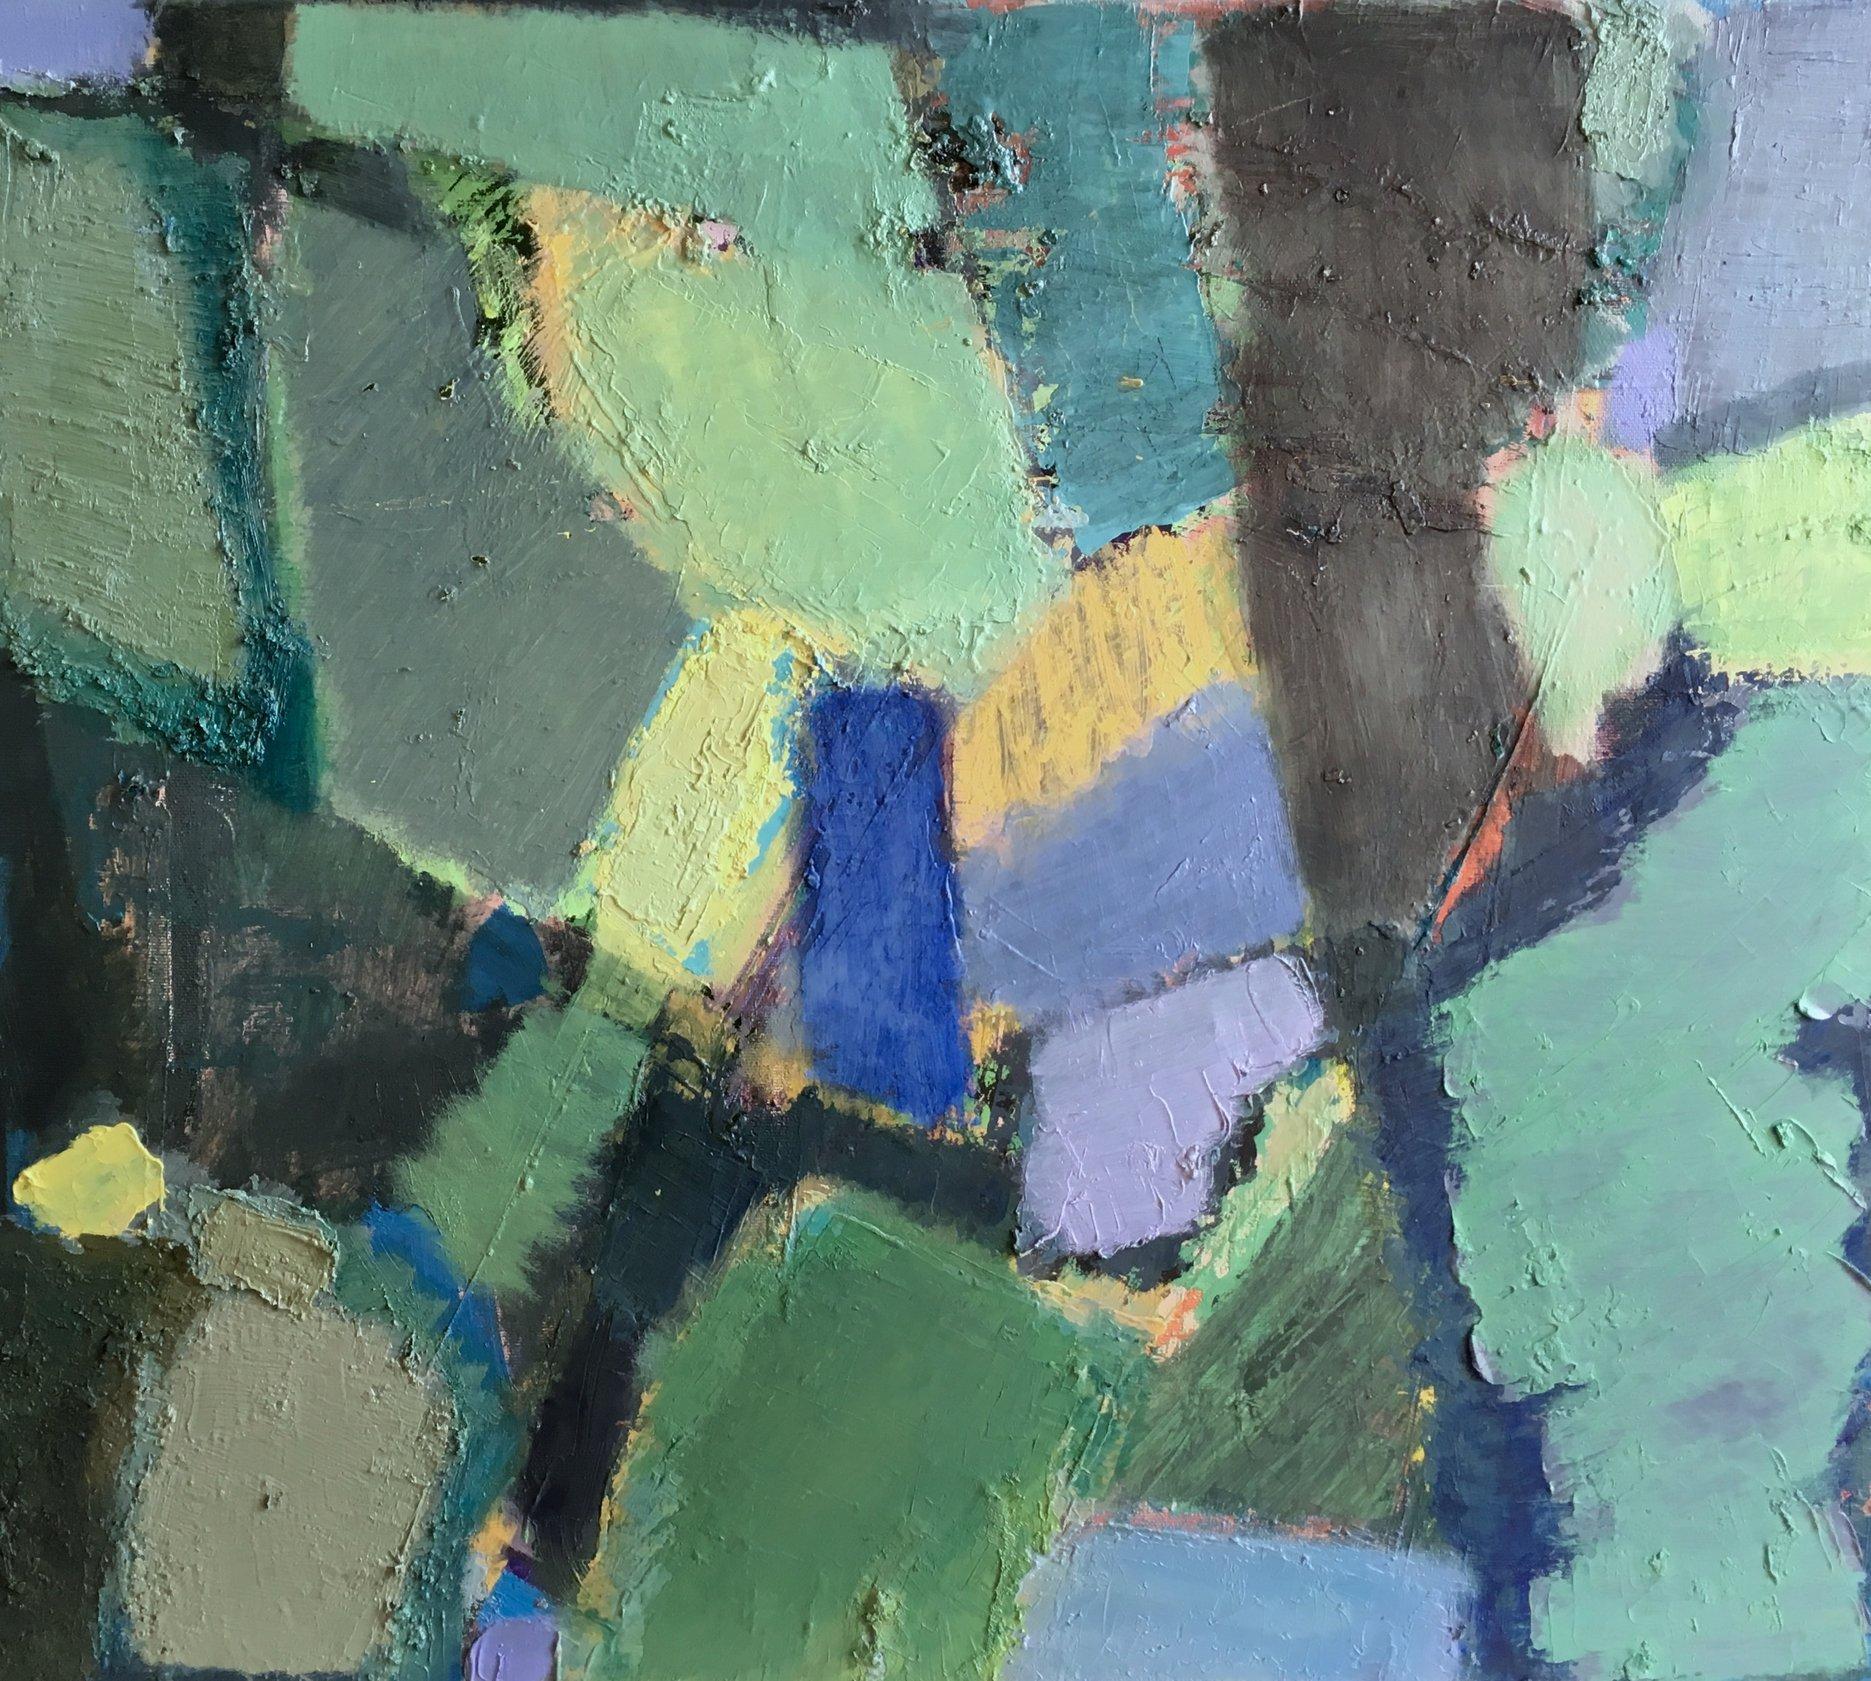 'Color strata'